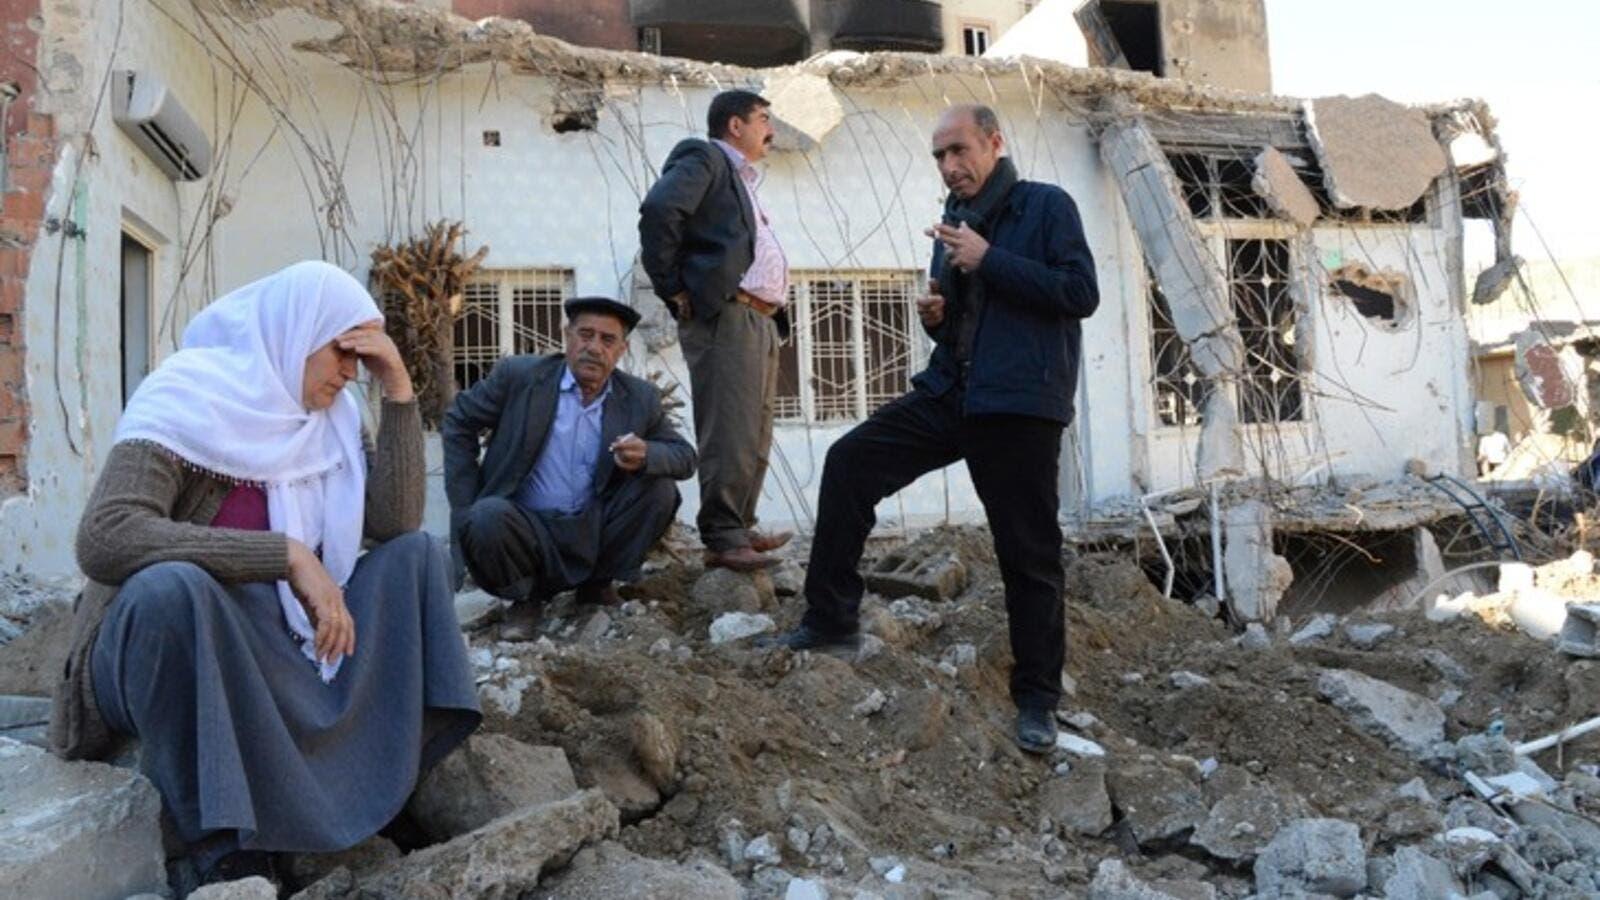 Novi zemljotres u Turskoj, građani u panici istrčali na ulice!